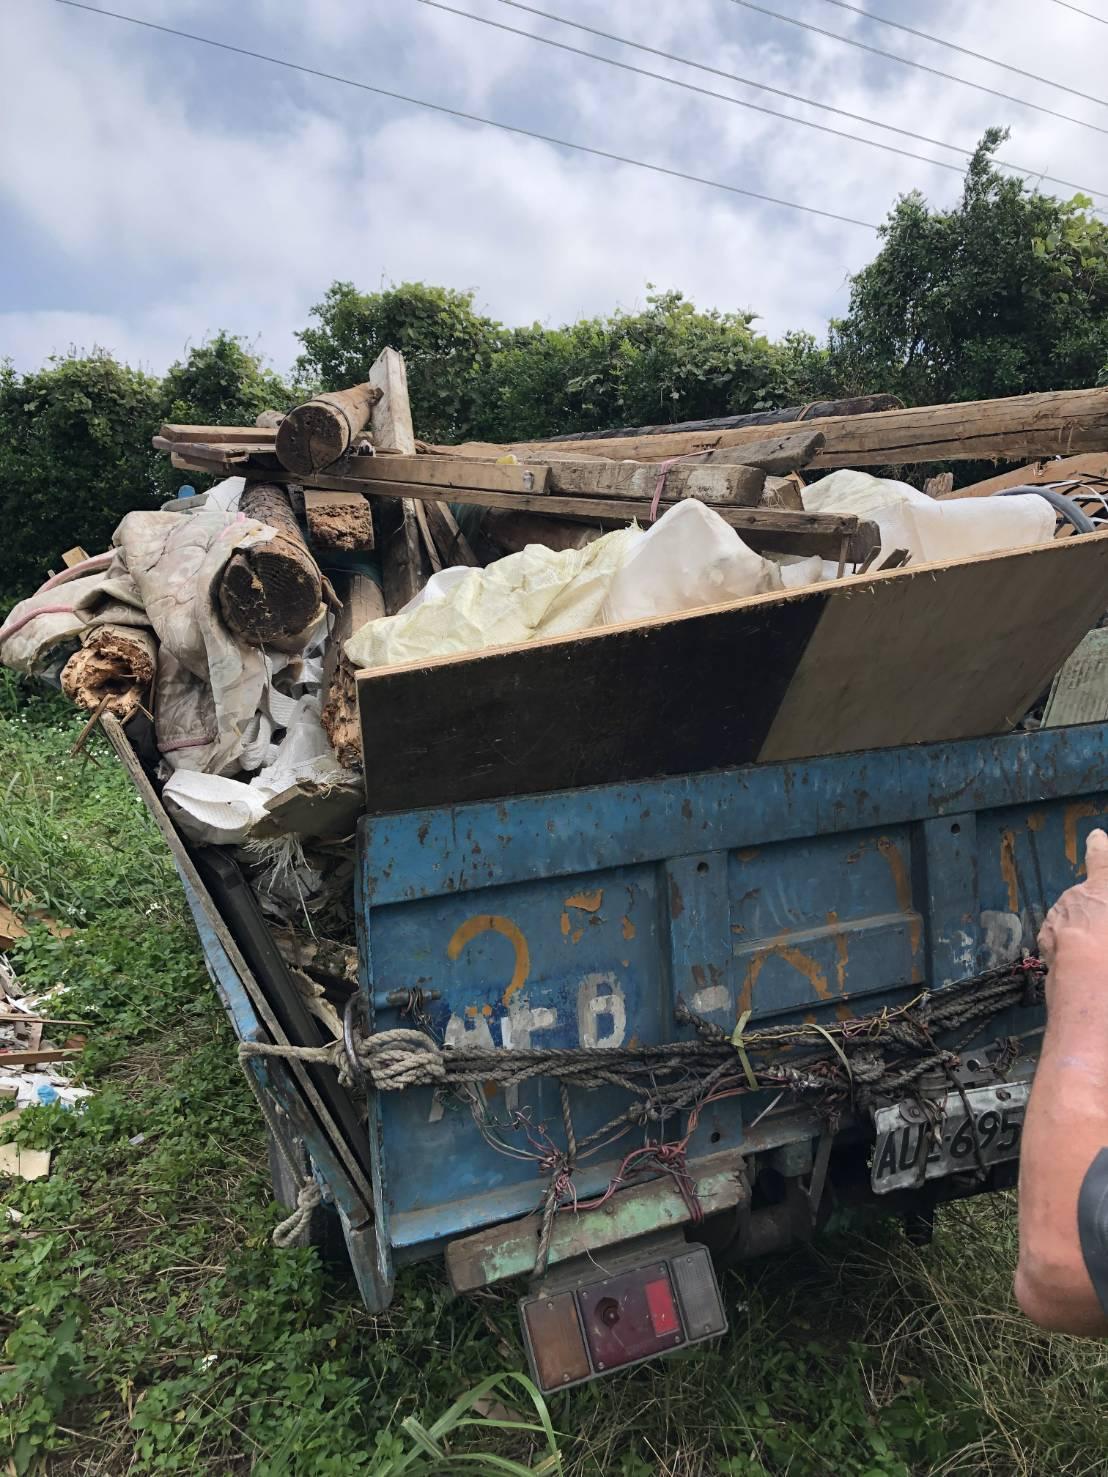 陳姓男子的小貨車上載有大量廢棄物。圖/新埔分局提供